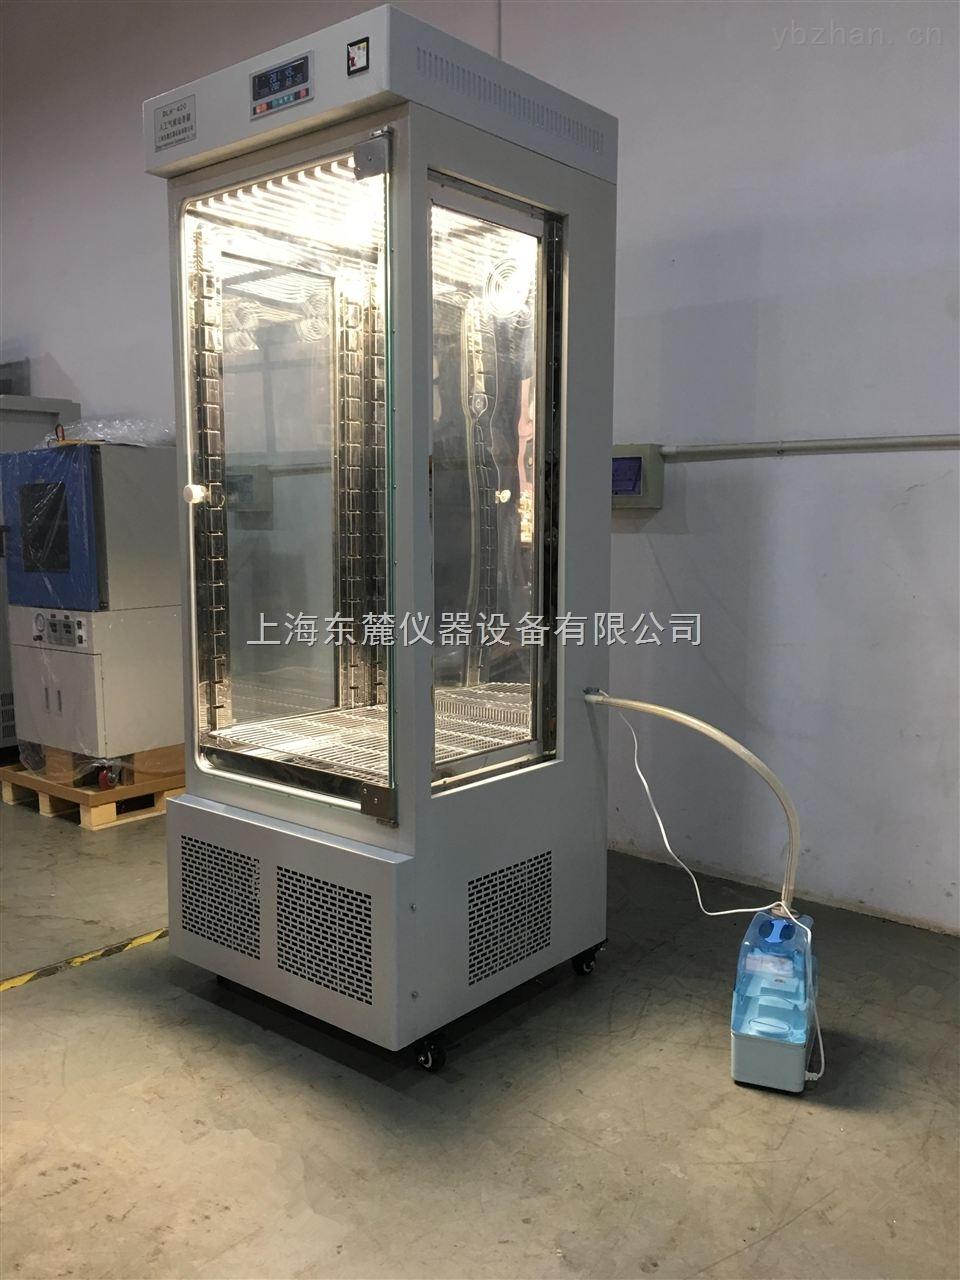 订制人工气候培养箱 选配独立限温报警系统